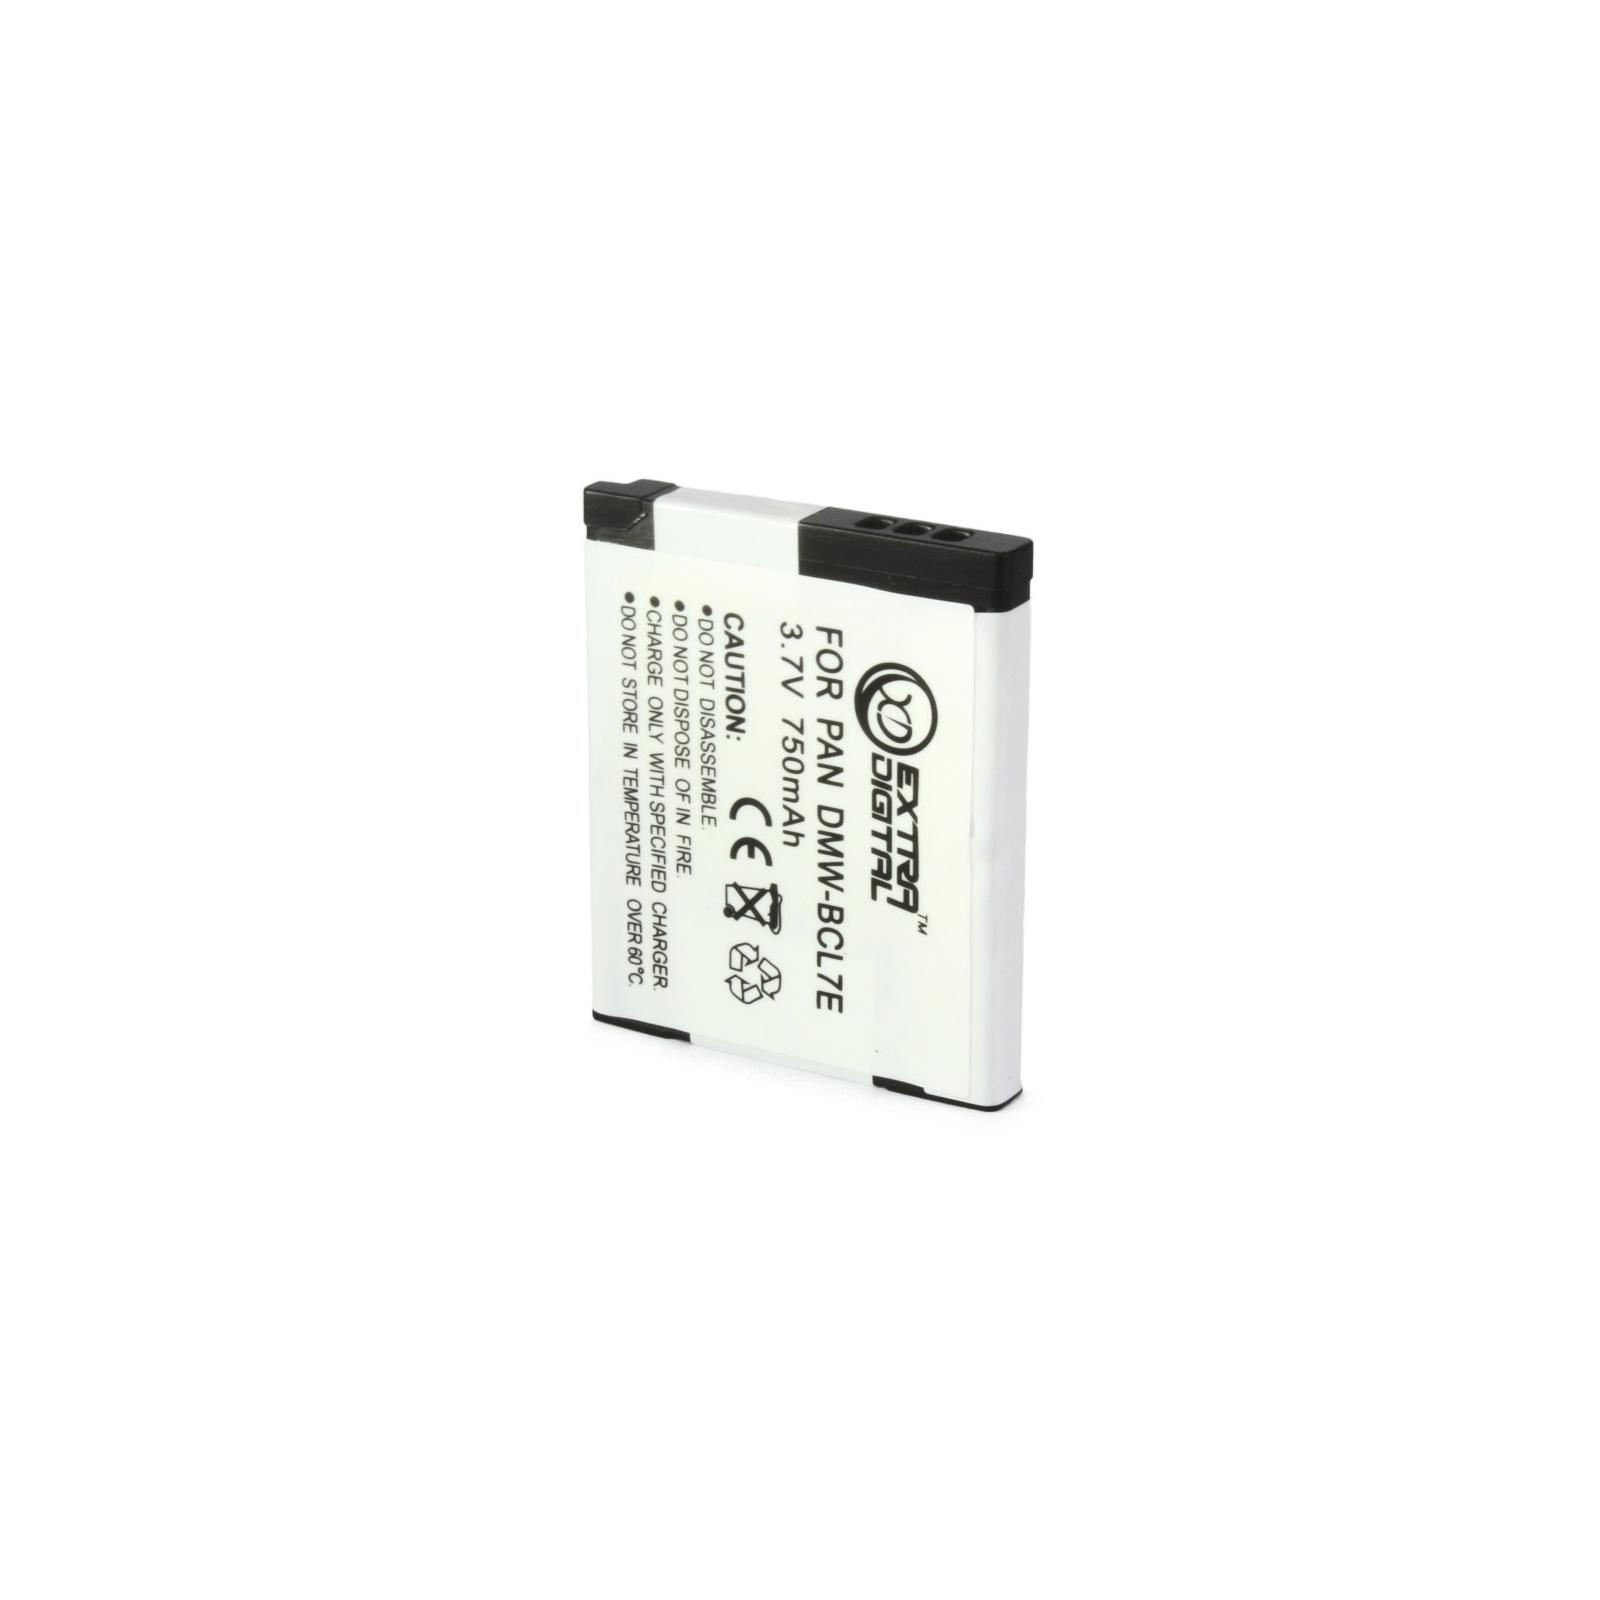 Аккумулятор к фото/видео EXTRADIGITAL Panasonic DMW-BCL7E (BDP1290) изображение 3